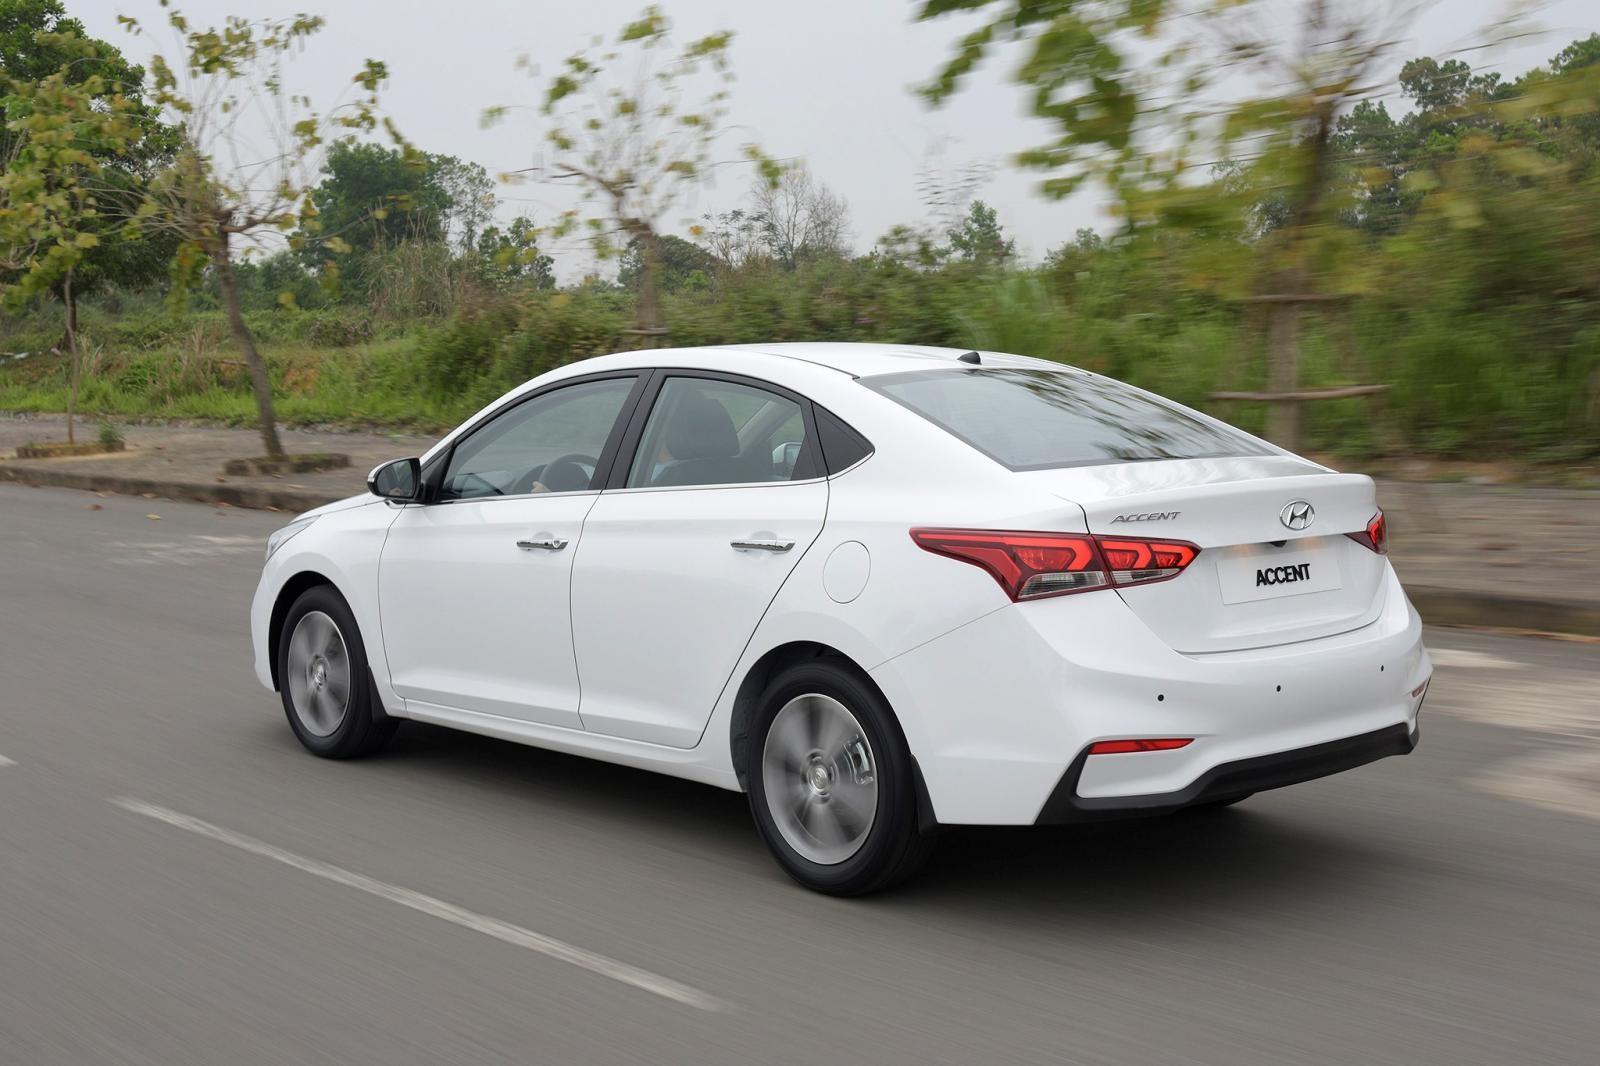 Hyundai Accent tiếp tục là mẫu xe có doanh số dẫn đầu của HTC